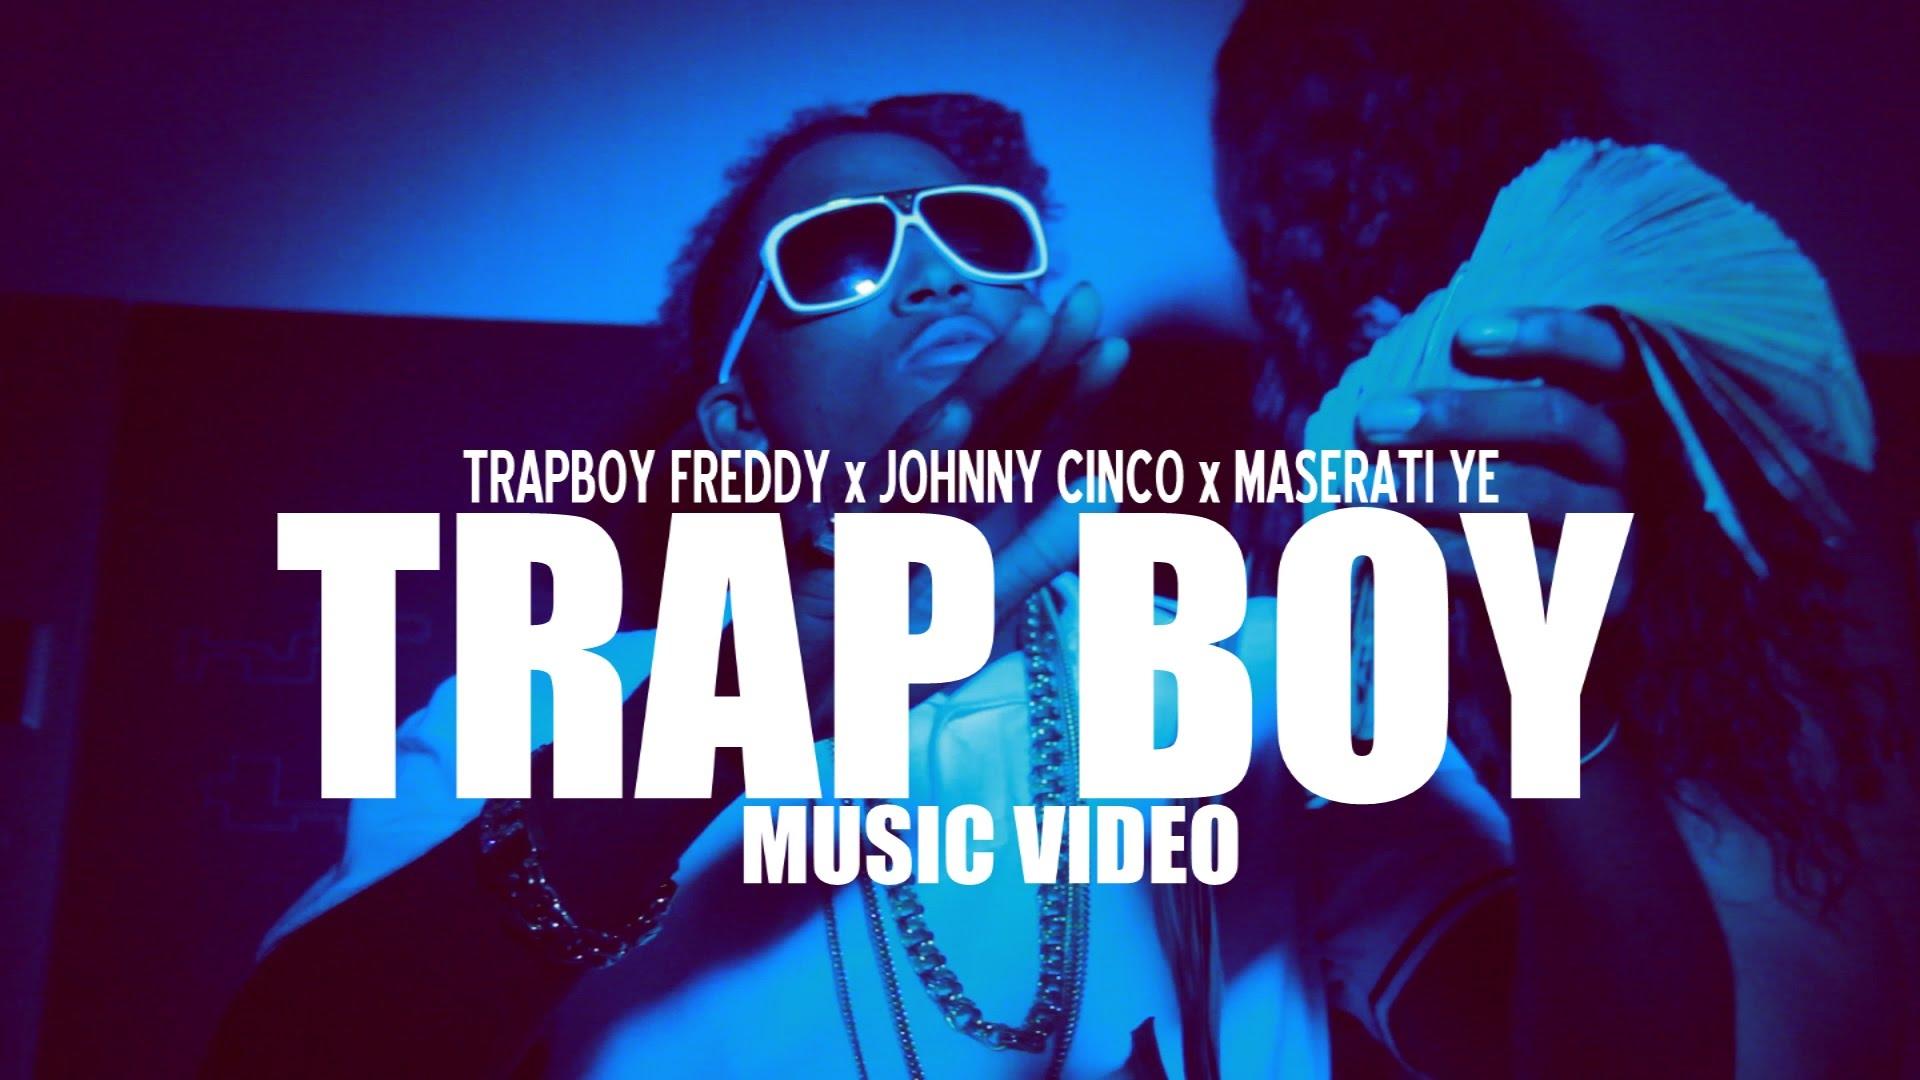 TRAP BOY(MUSIC VIDEO)   FEAT Trapboy Freddy x Johnny Cinco x Maserati ye   shot by @AustinLamotta